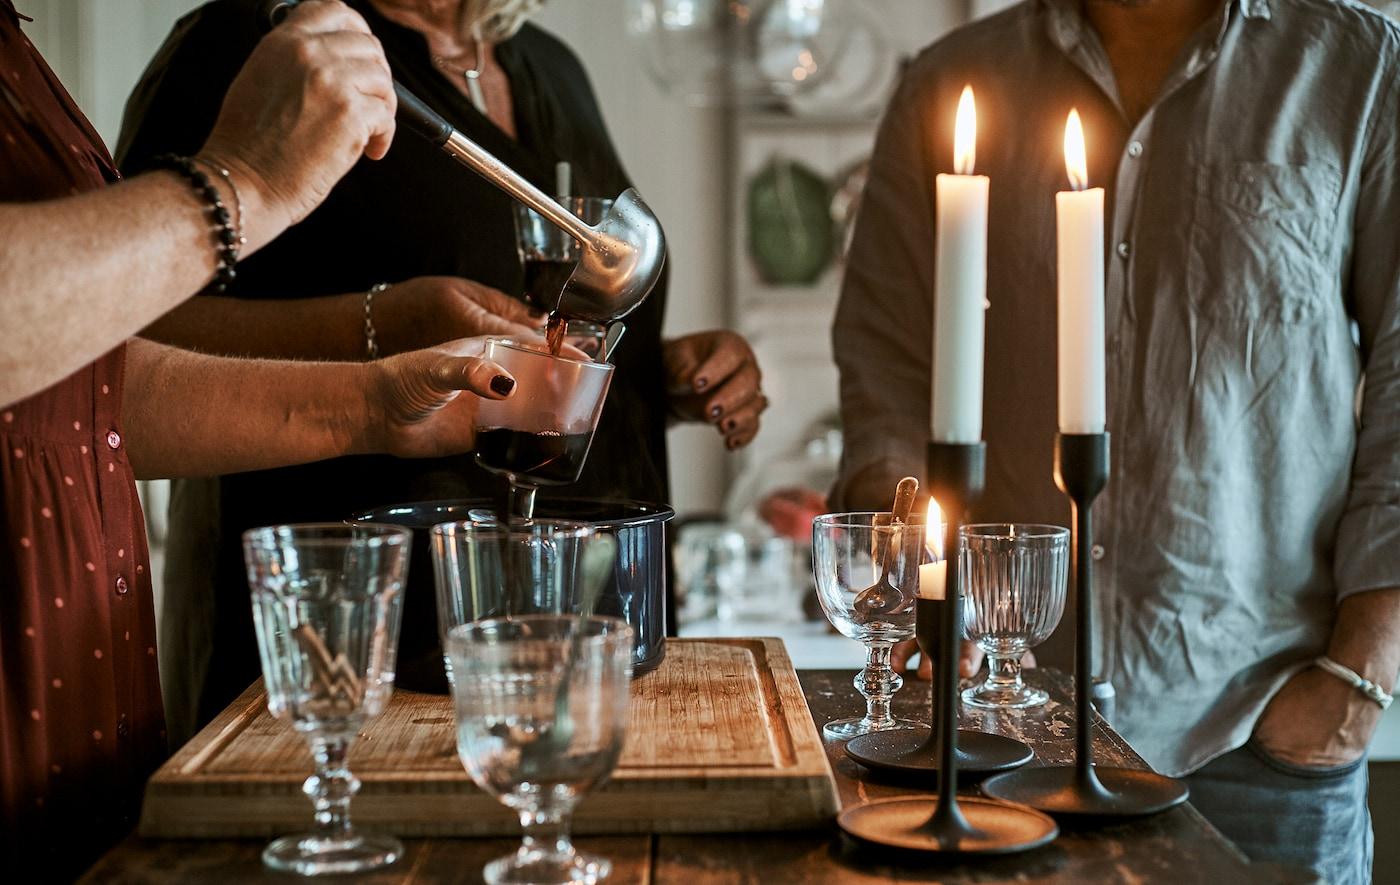 Menschen stehen einer mit Kerzen beleuchteten Kücheninsel. Es sind Gläser zu sehen und eine Schale mit Punsch.